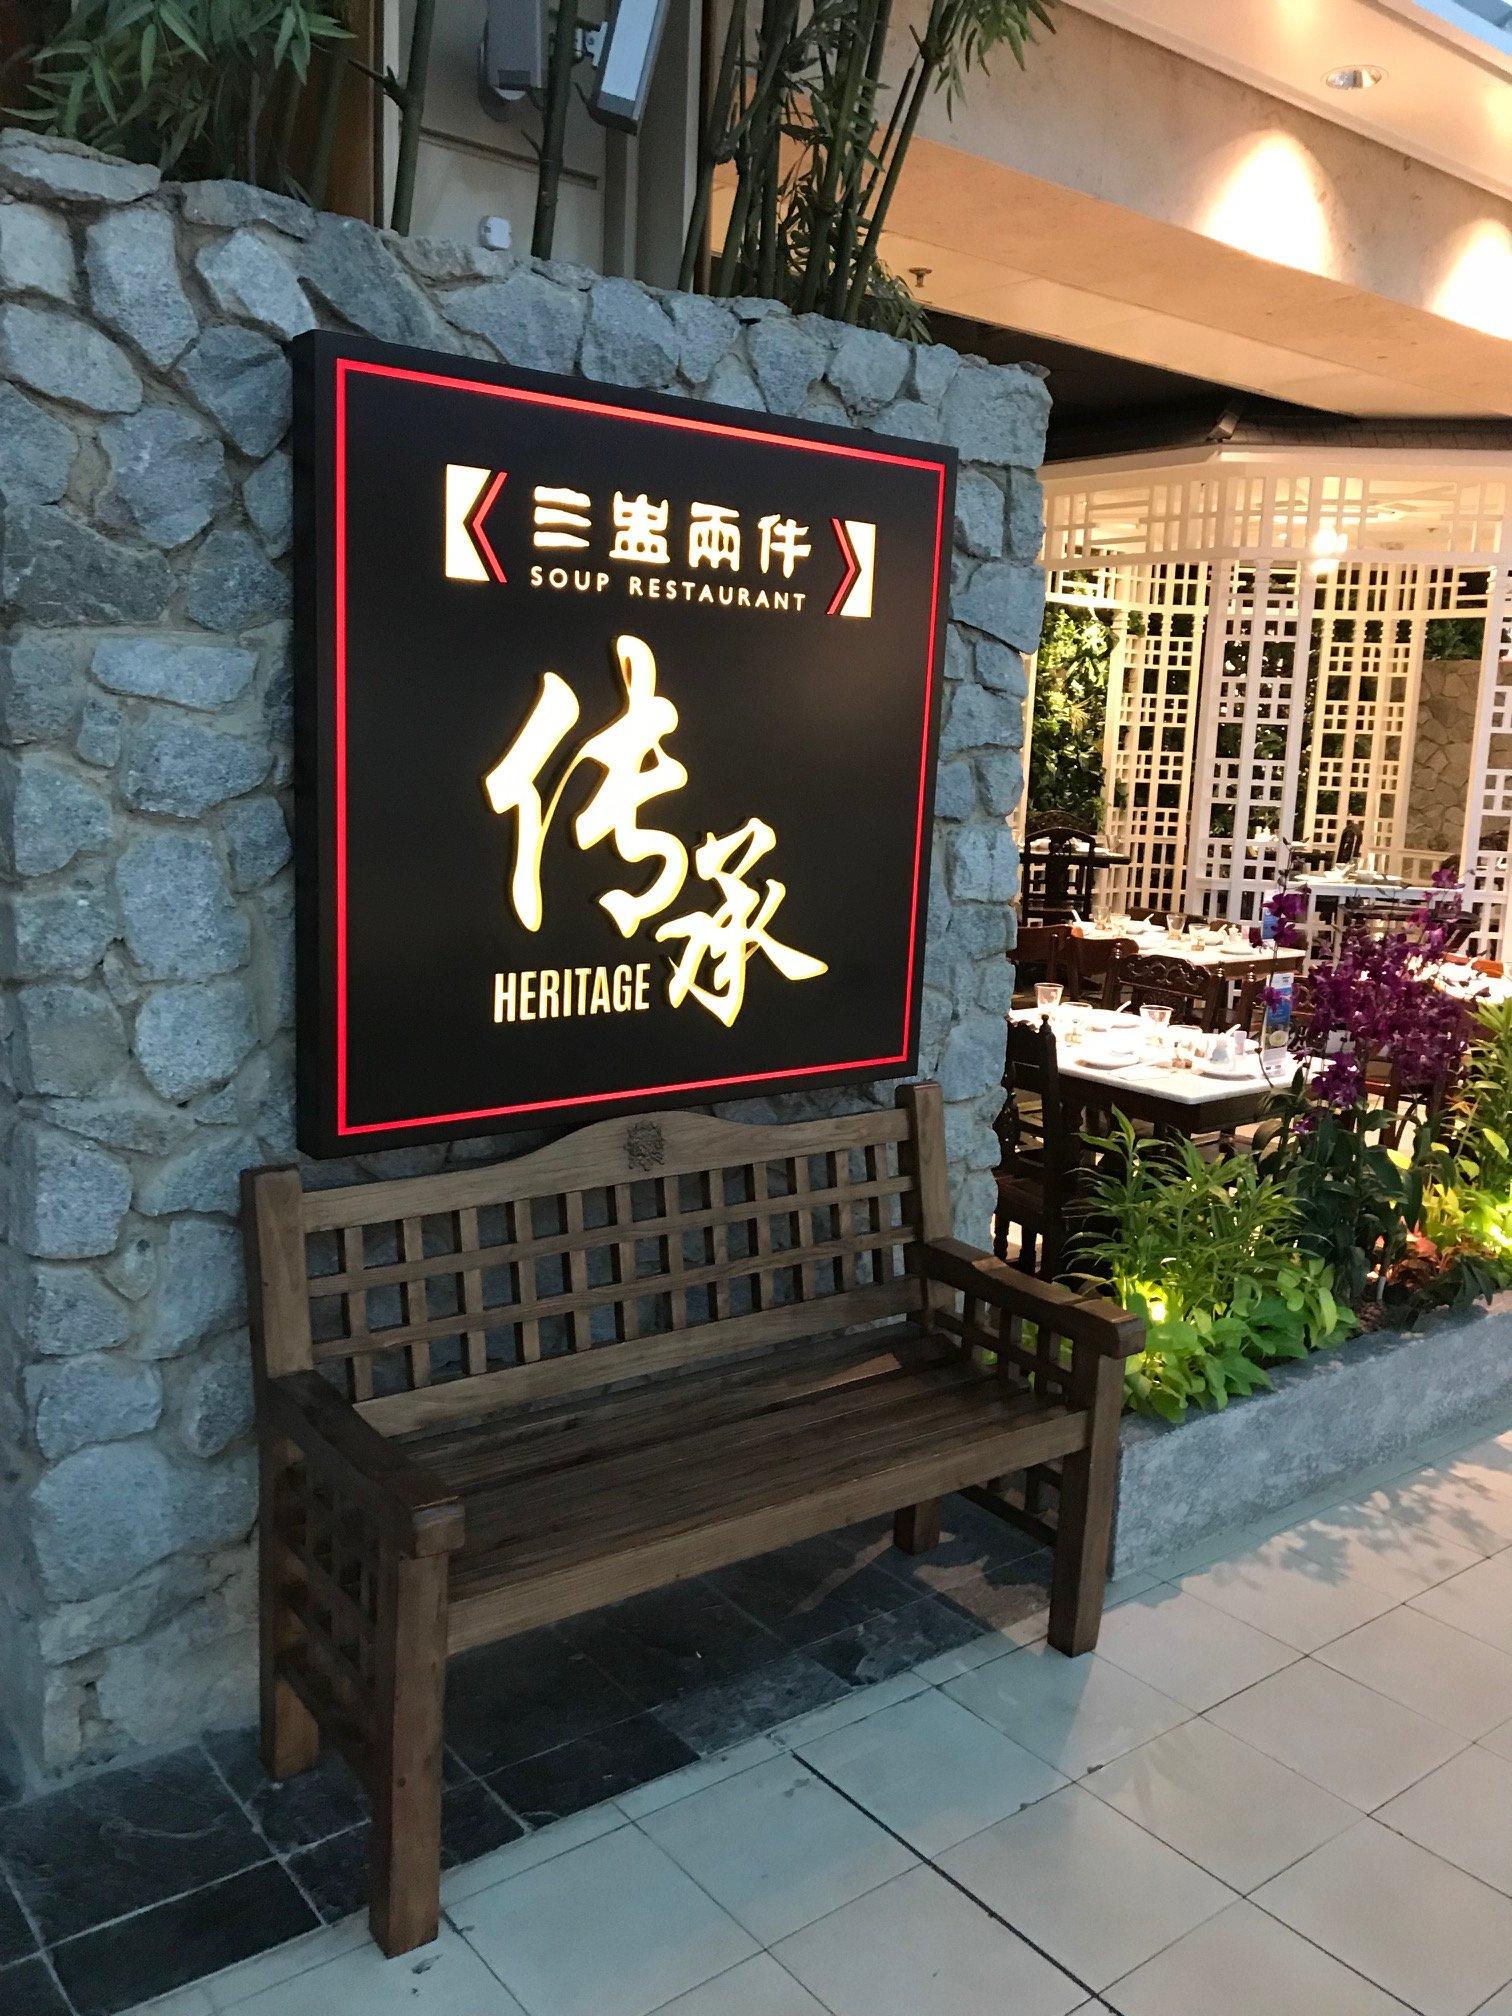 スープレストラン チャンギT2店